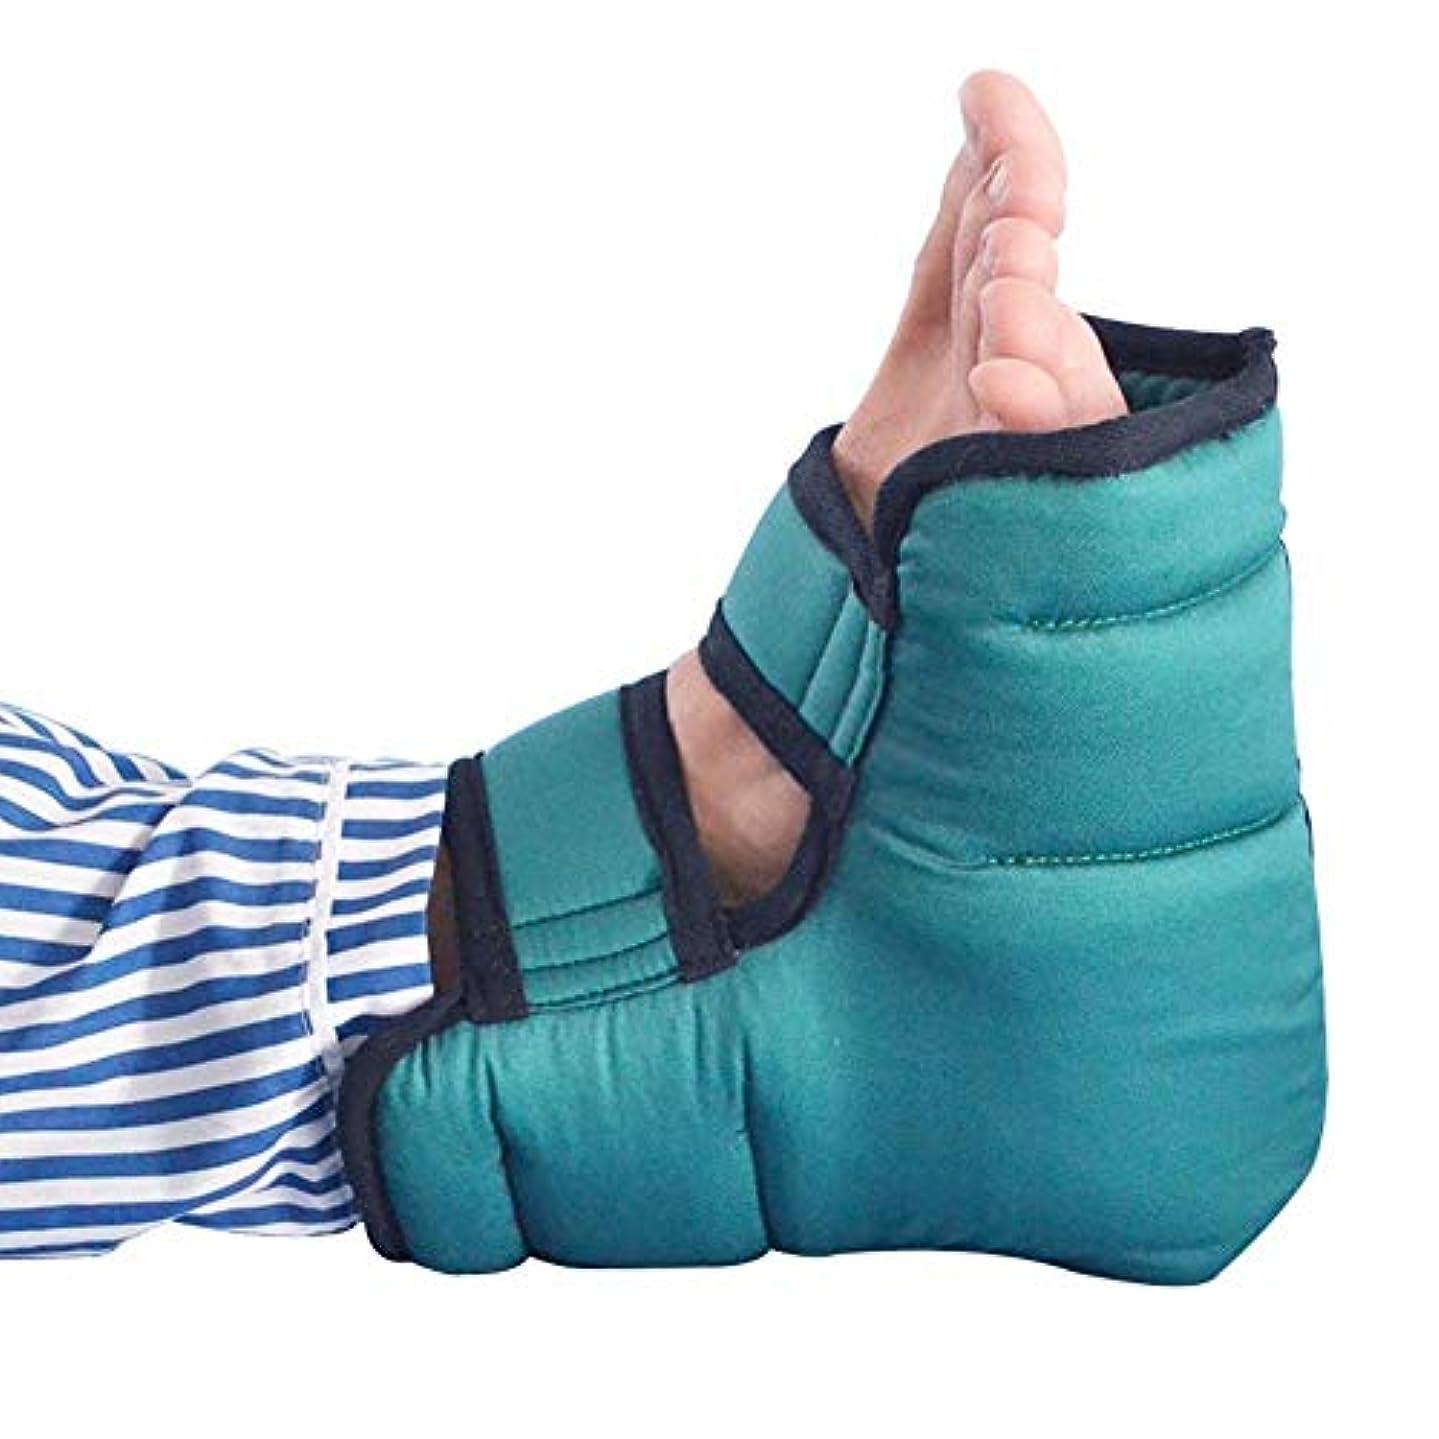 故意に乱用労働褥瘡防止綿通気性ヒールクッション、圧力緩和ヒールプロテクター、ヒール保護、1ペア、24×23 cm